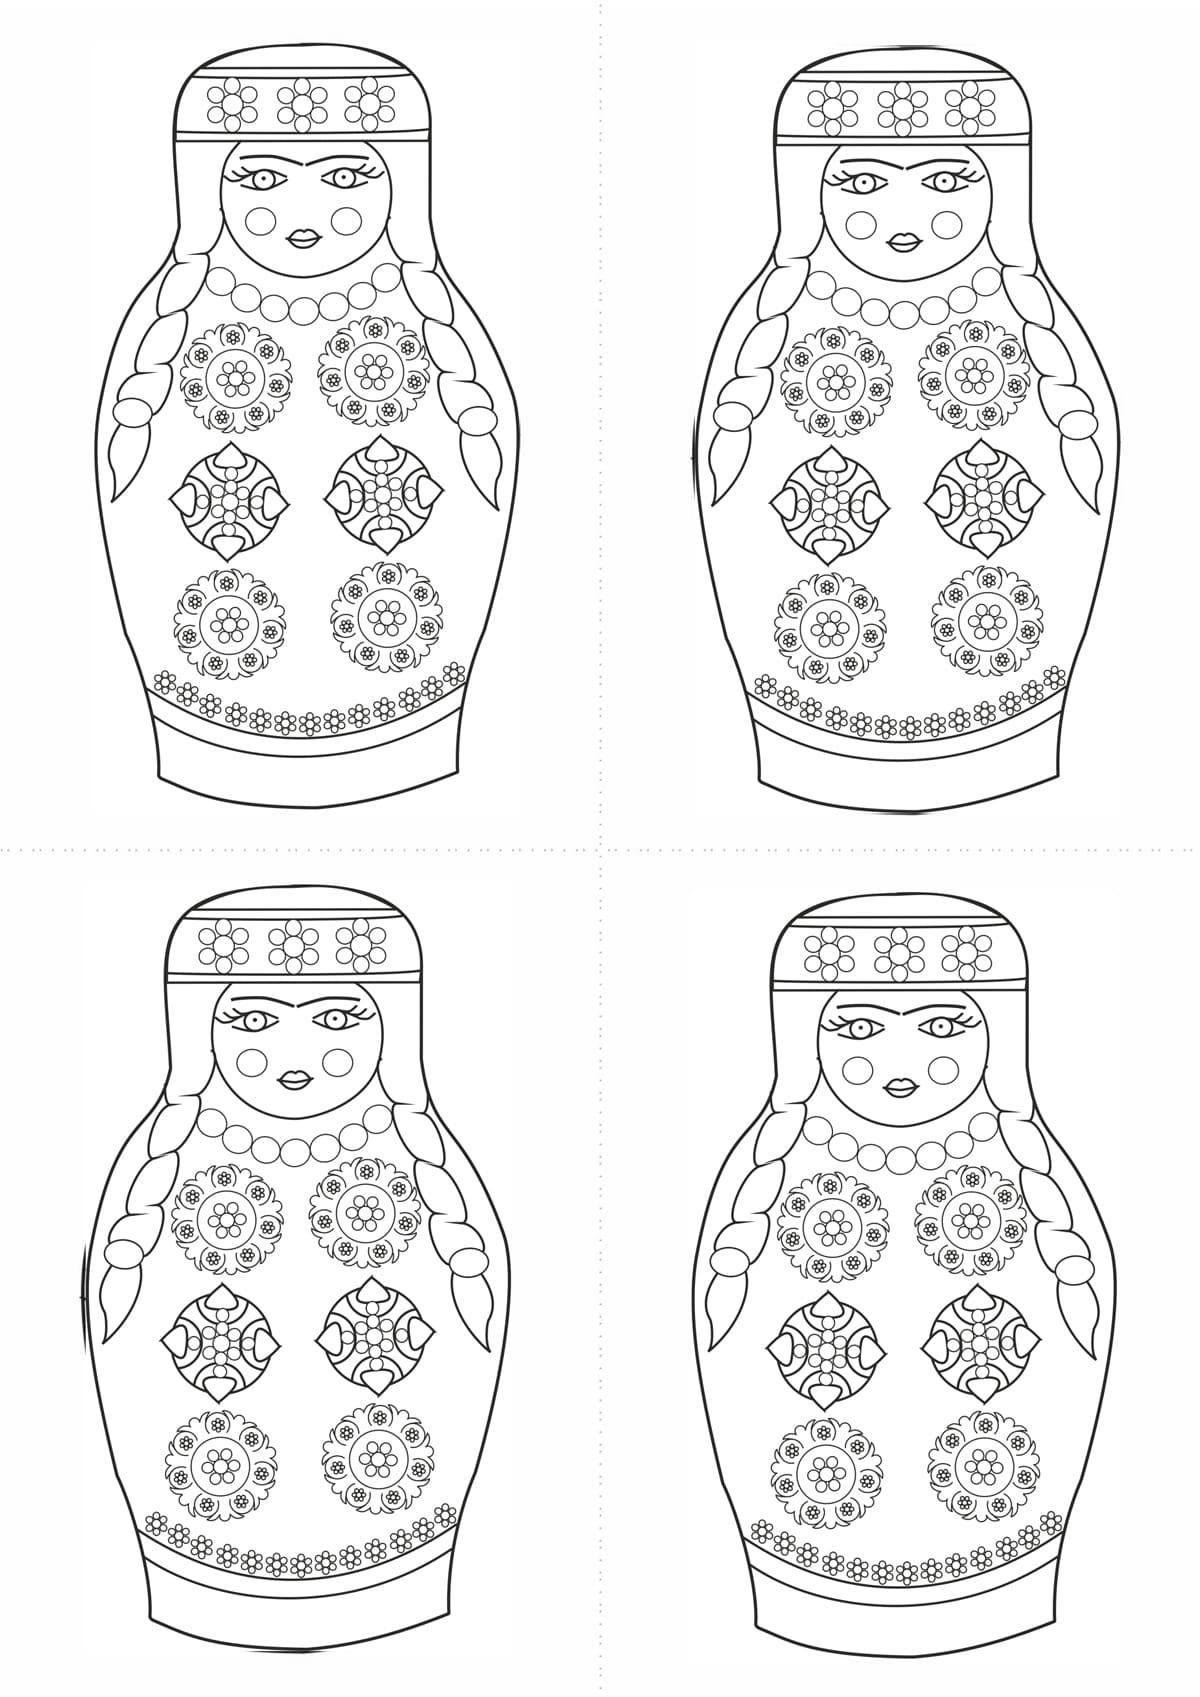 Раскраска шаблон матрёшки таджички для рисования